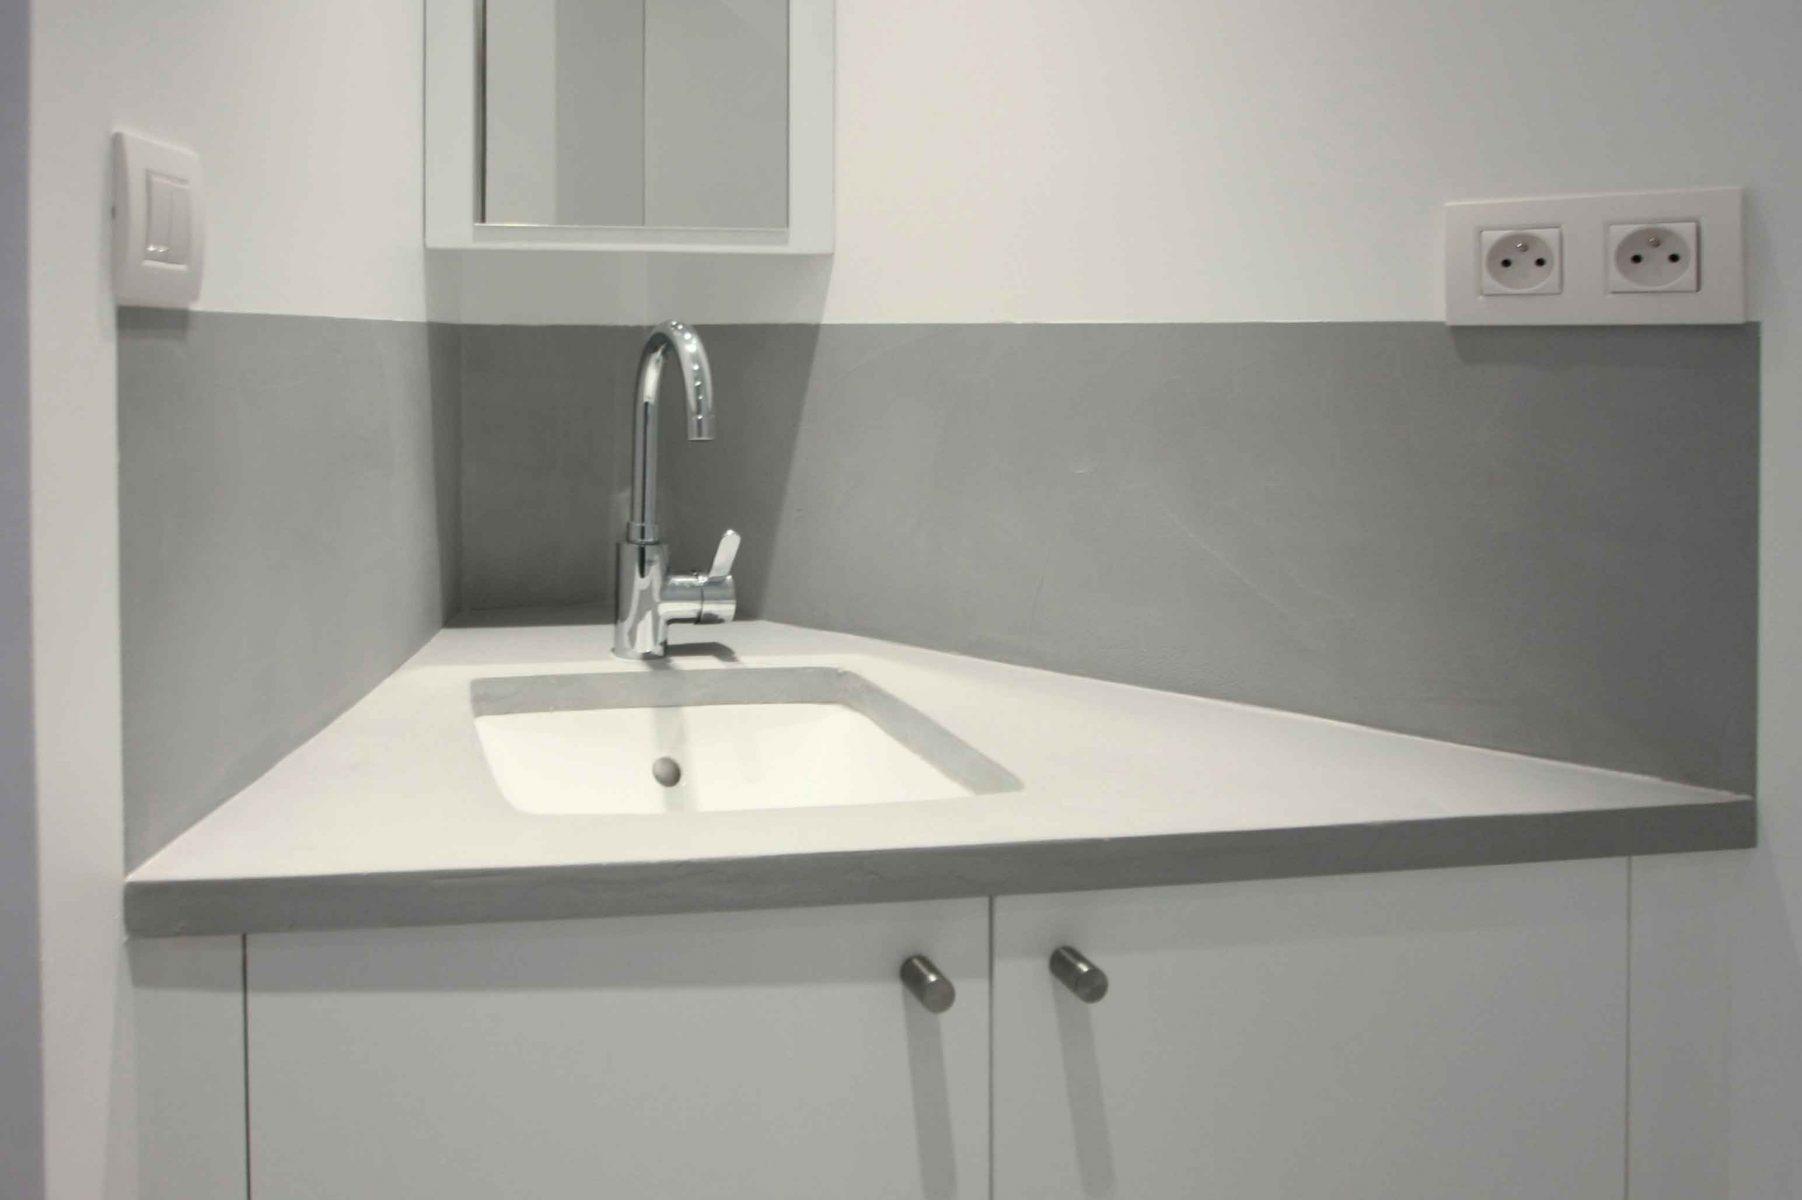 Plan vasque béton ciré spatulé appartement Décaum paris 2